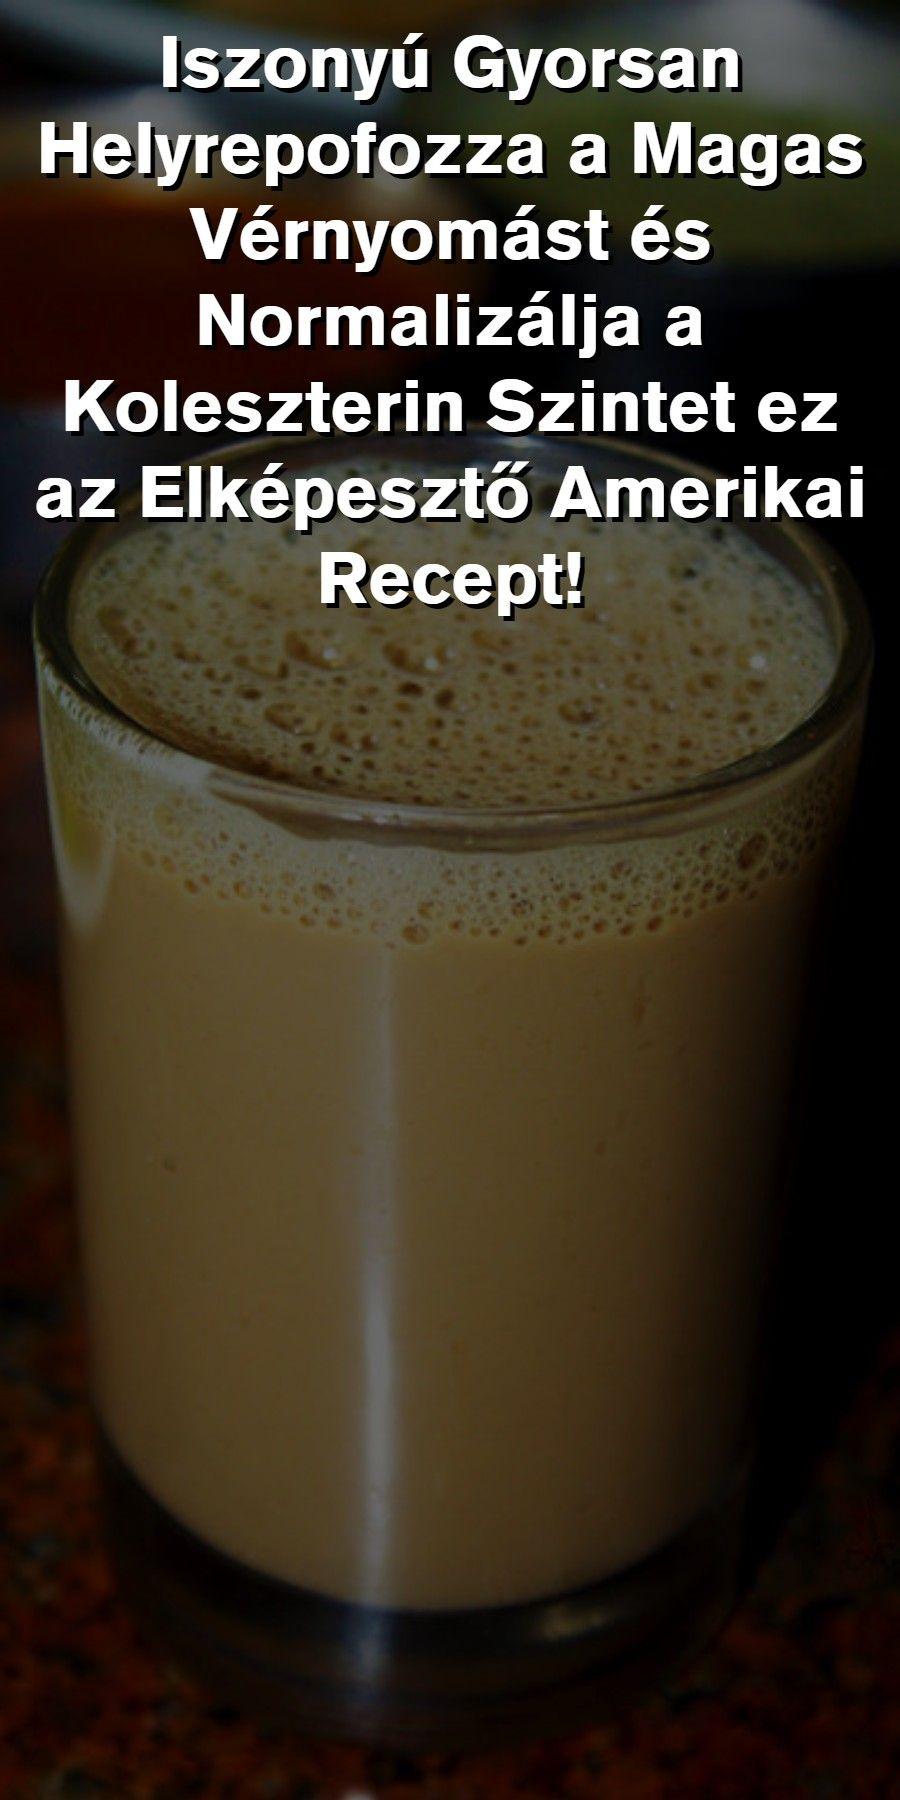 népi recept a magas vérnyomás ellen)